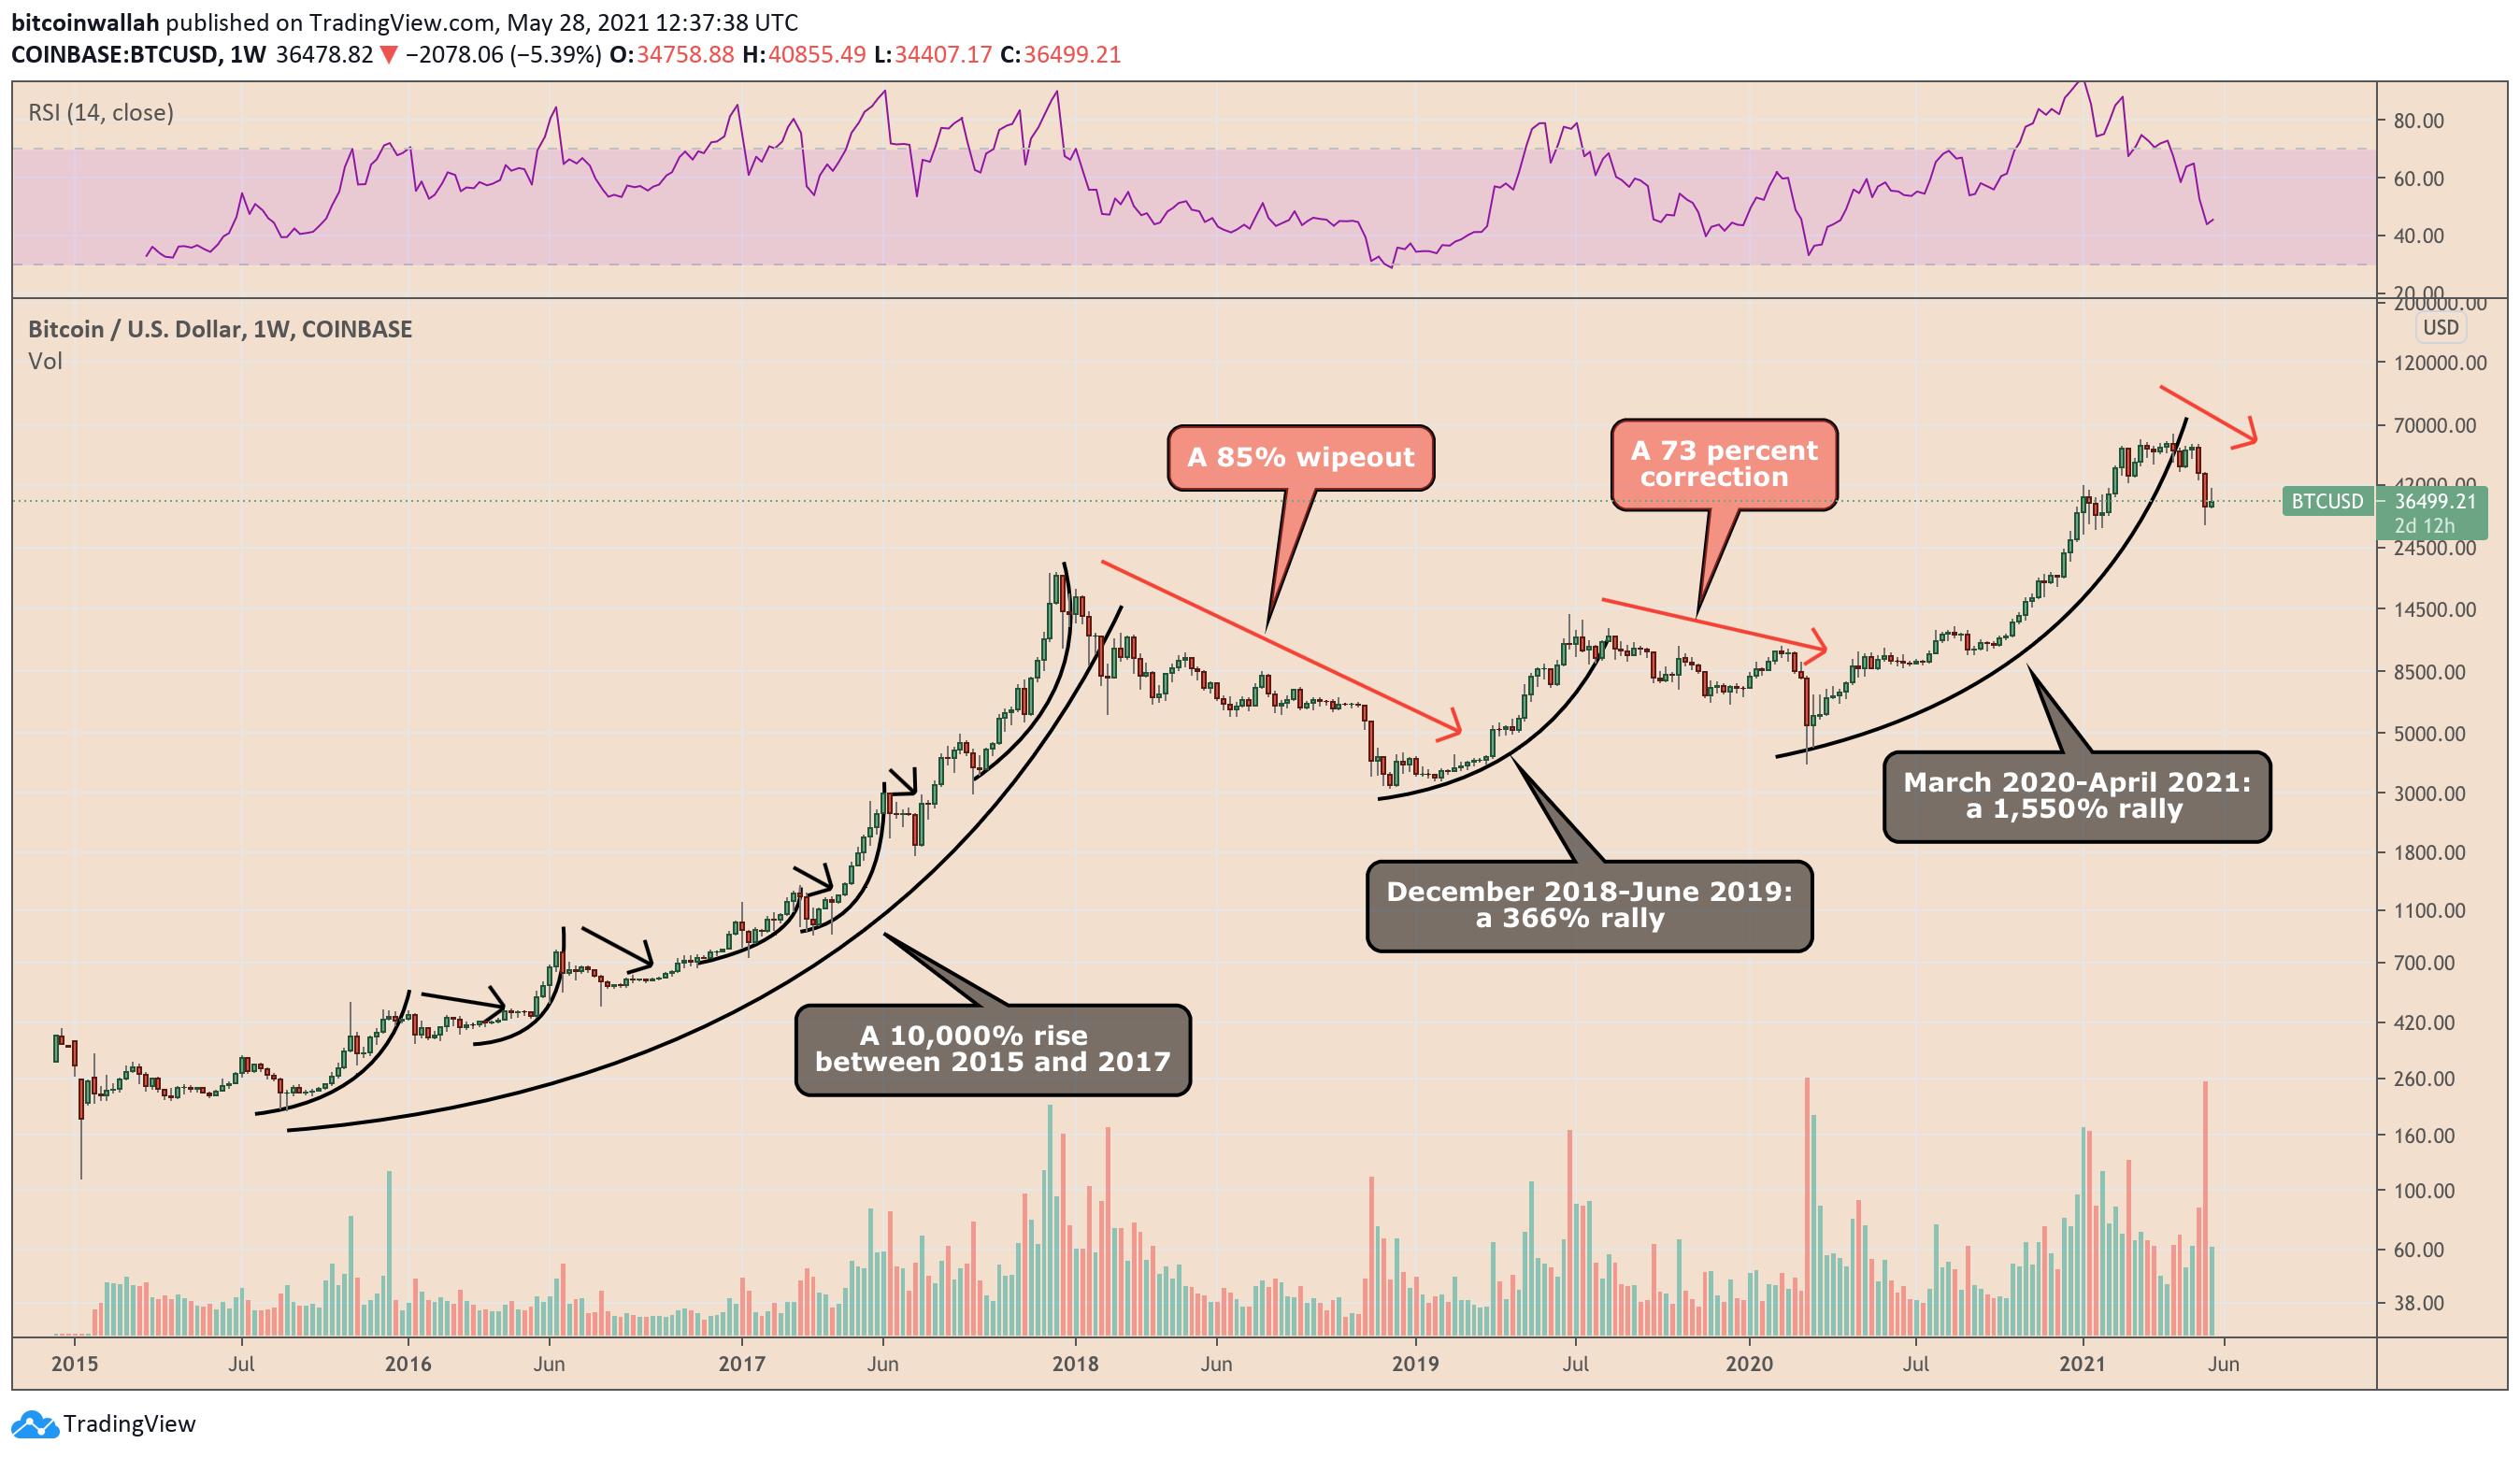 I cicli rialzisti e ribassisti di Bitcoin negli ultimi anni